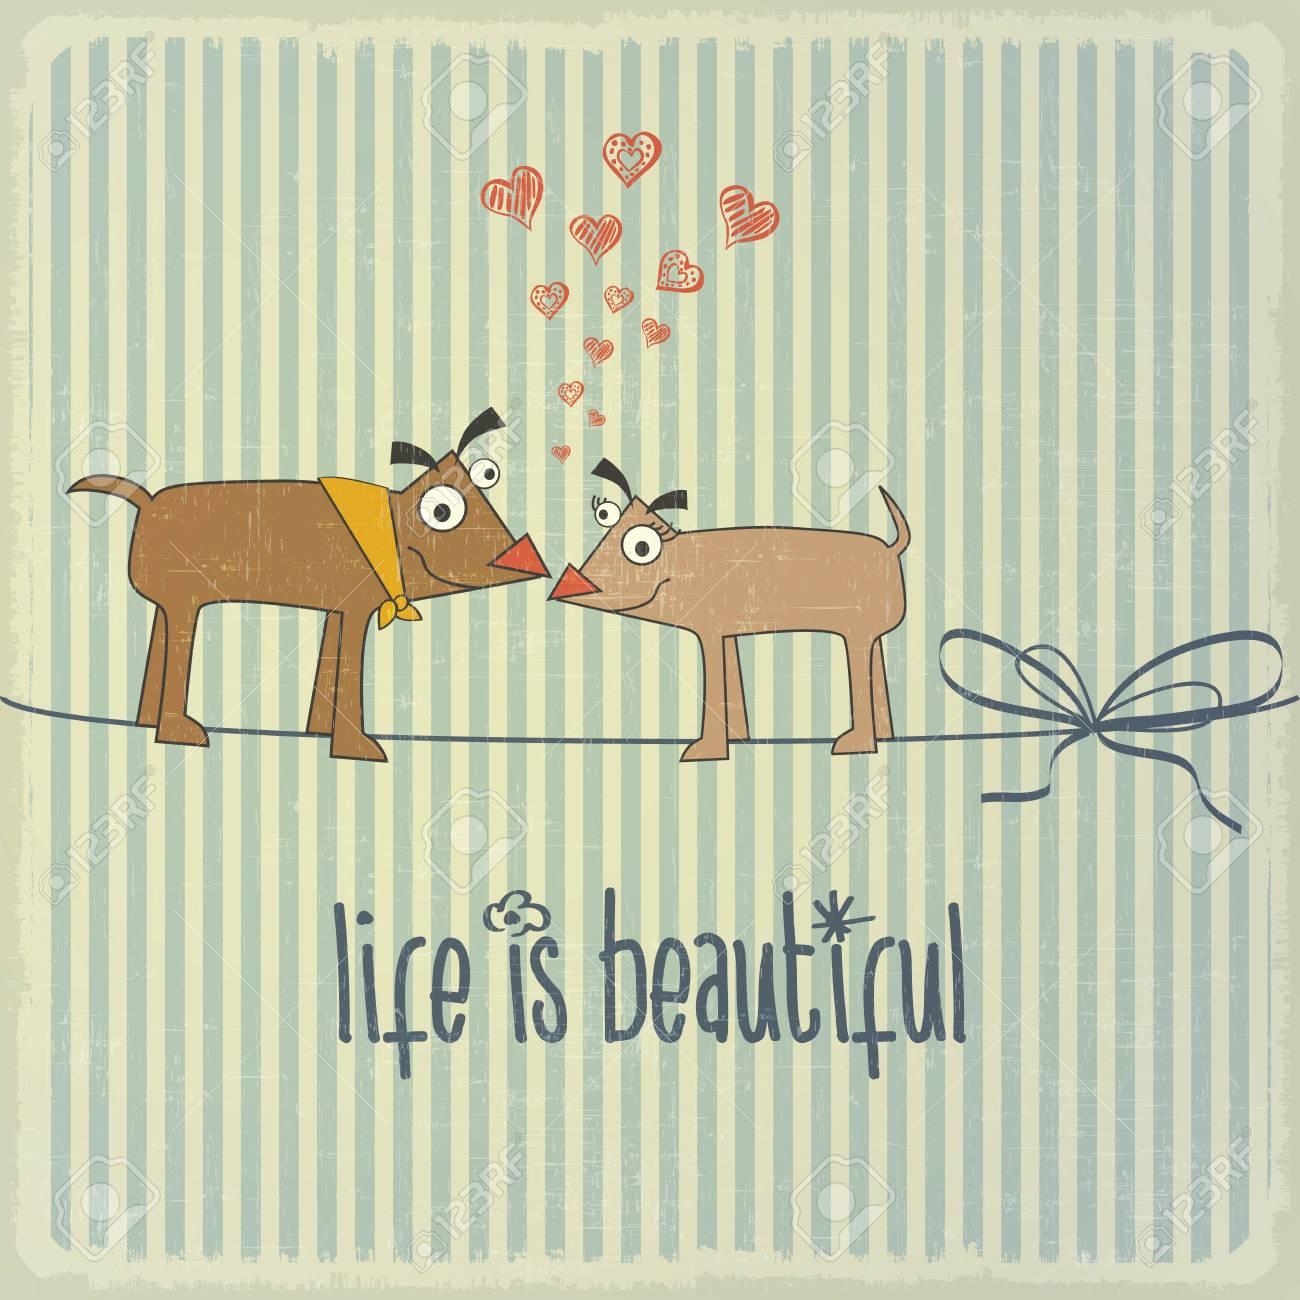 Ilustracion Retro Con Par De Perros Felices En El Amor Y La Frase